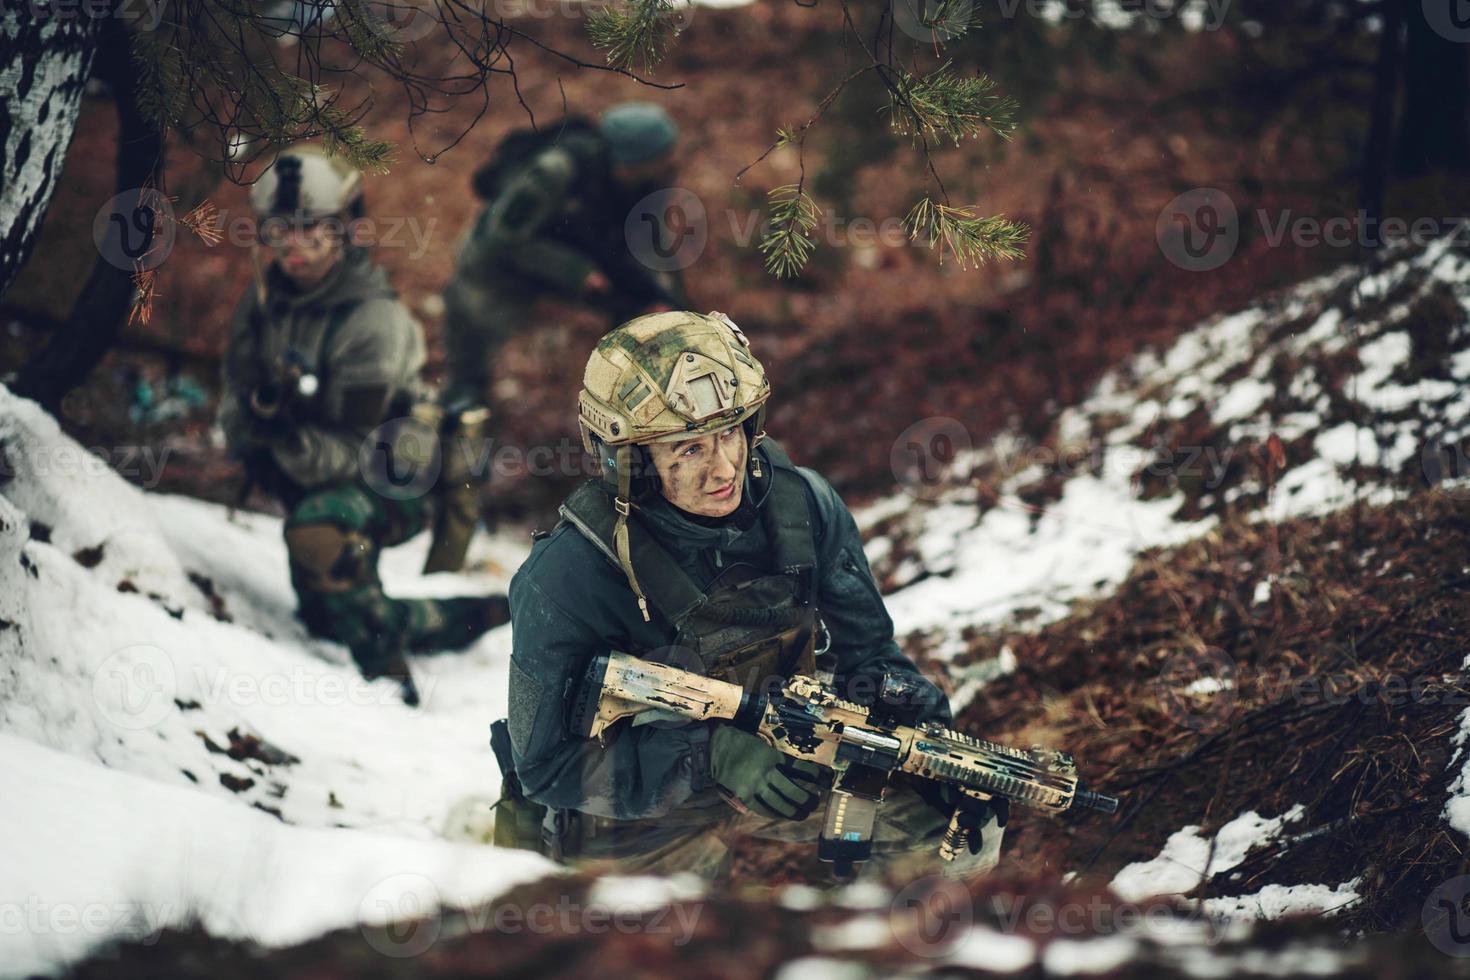 membro do soldado mulher do esquadrão de ranger foto